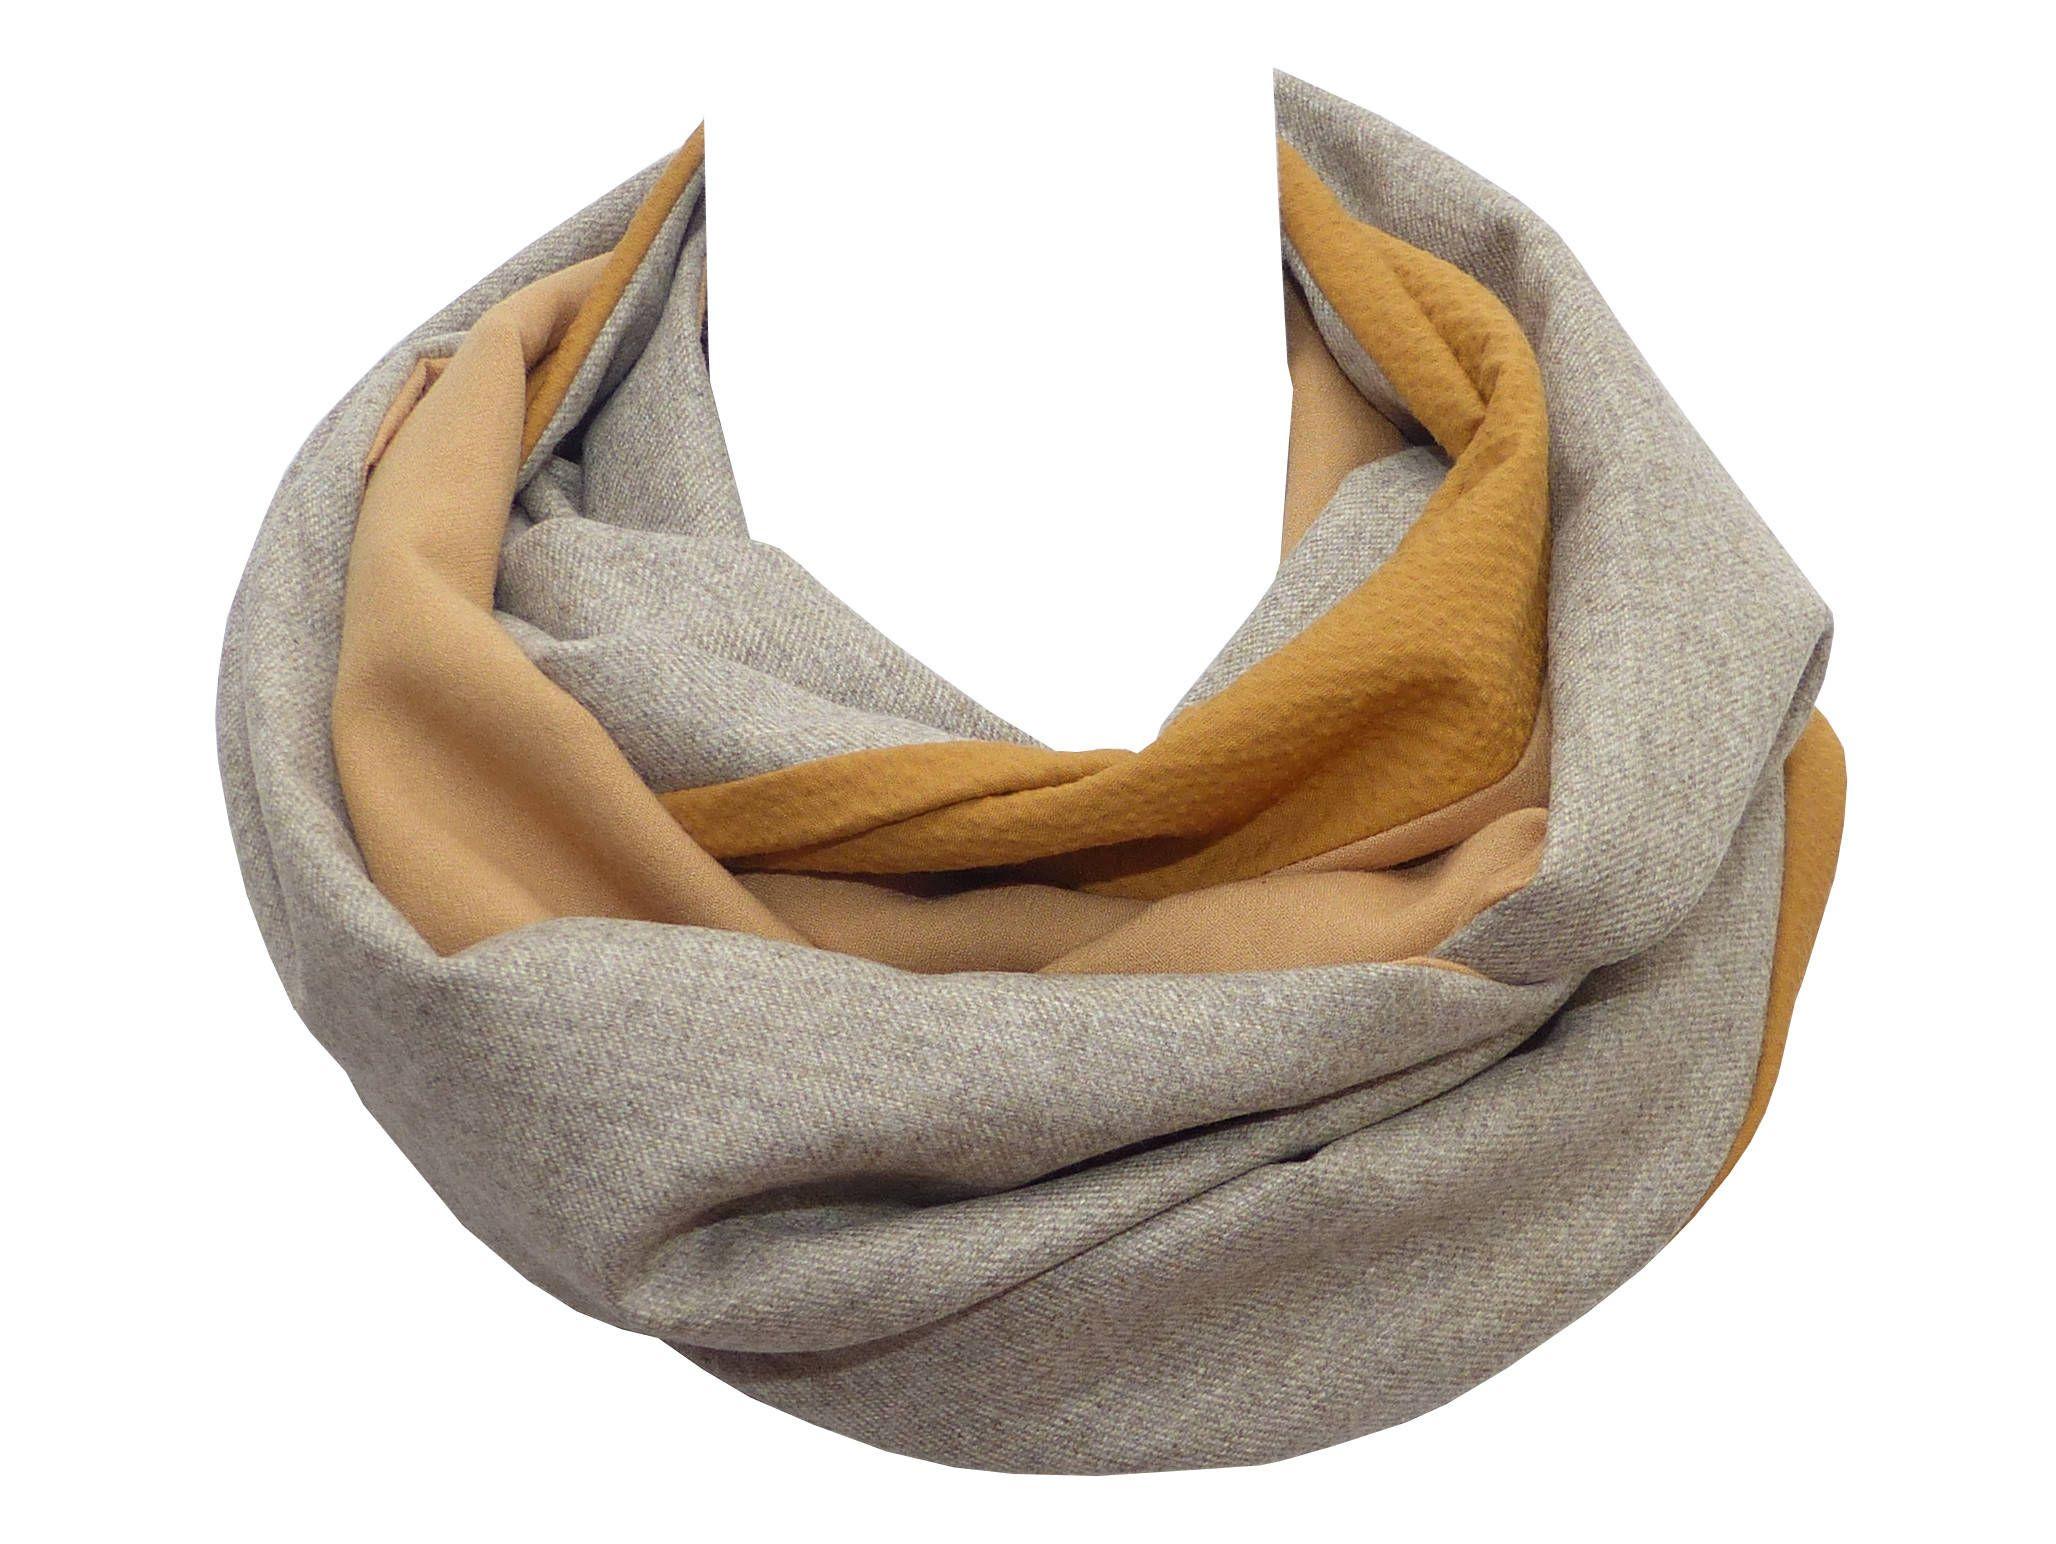 85a6c22f3378 Polina Couture - Echarpe Snood Patchwork Laine Haute Couture, alliant grege  (gris beige), camel et jaune moutarde, tour de cou avec coton gaufre